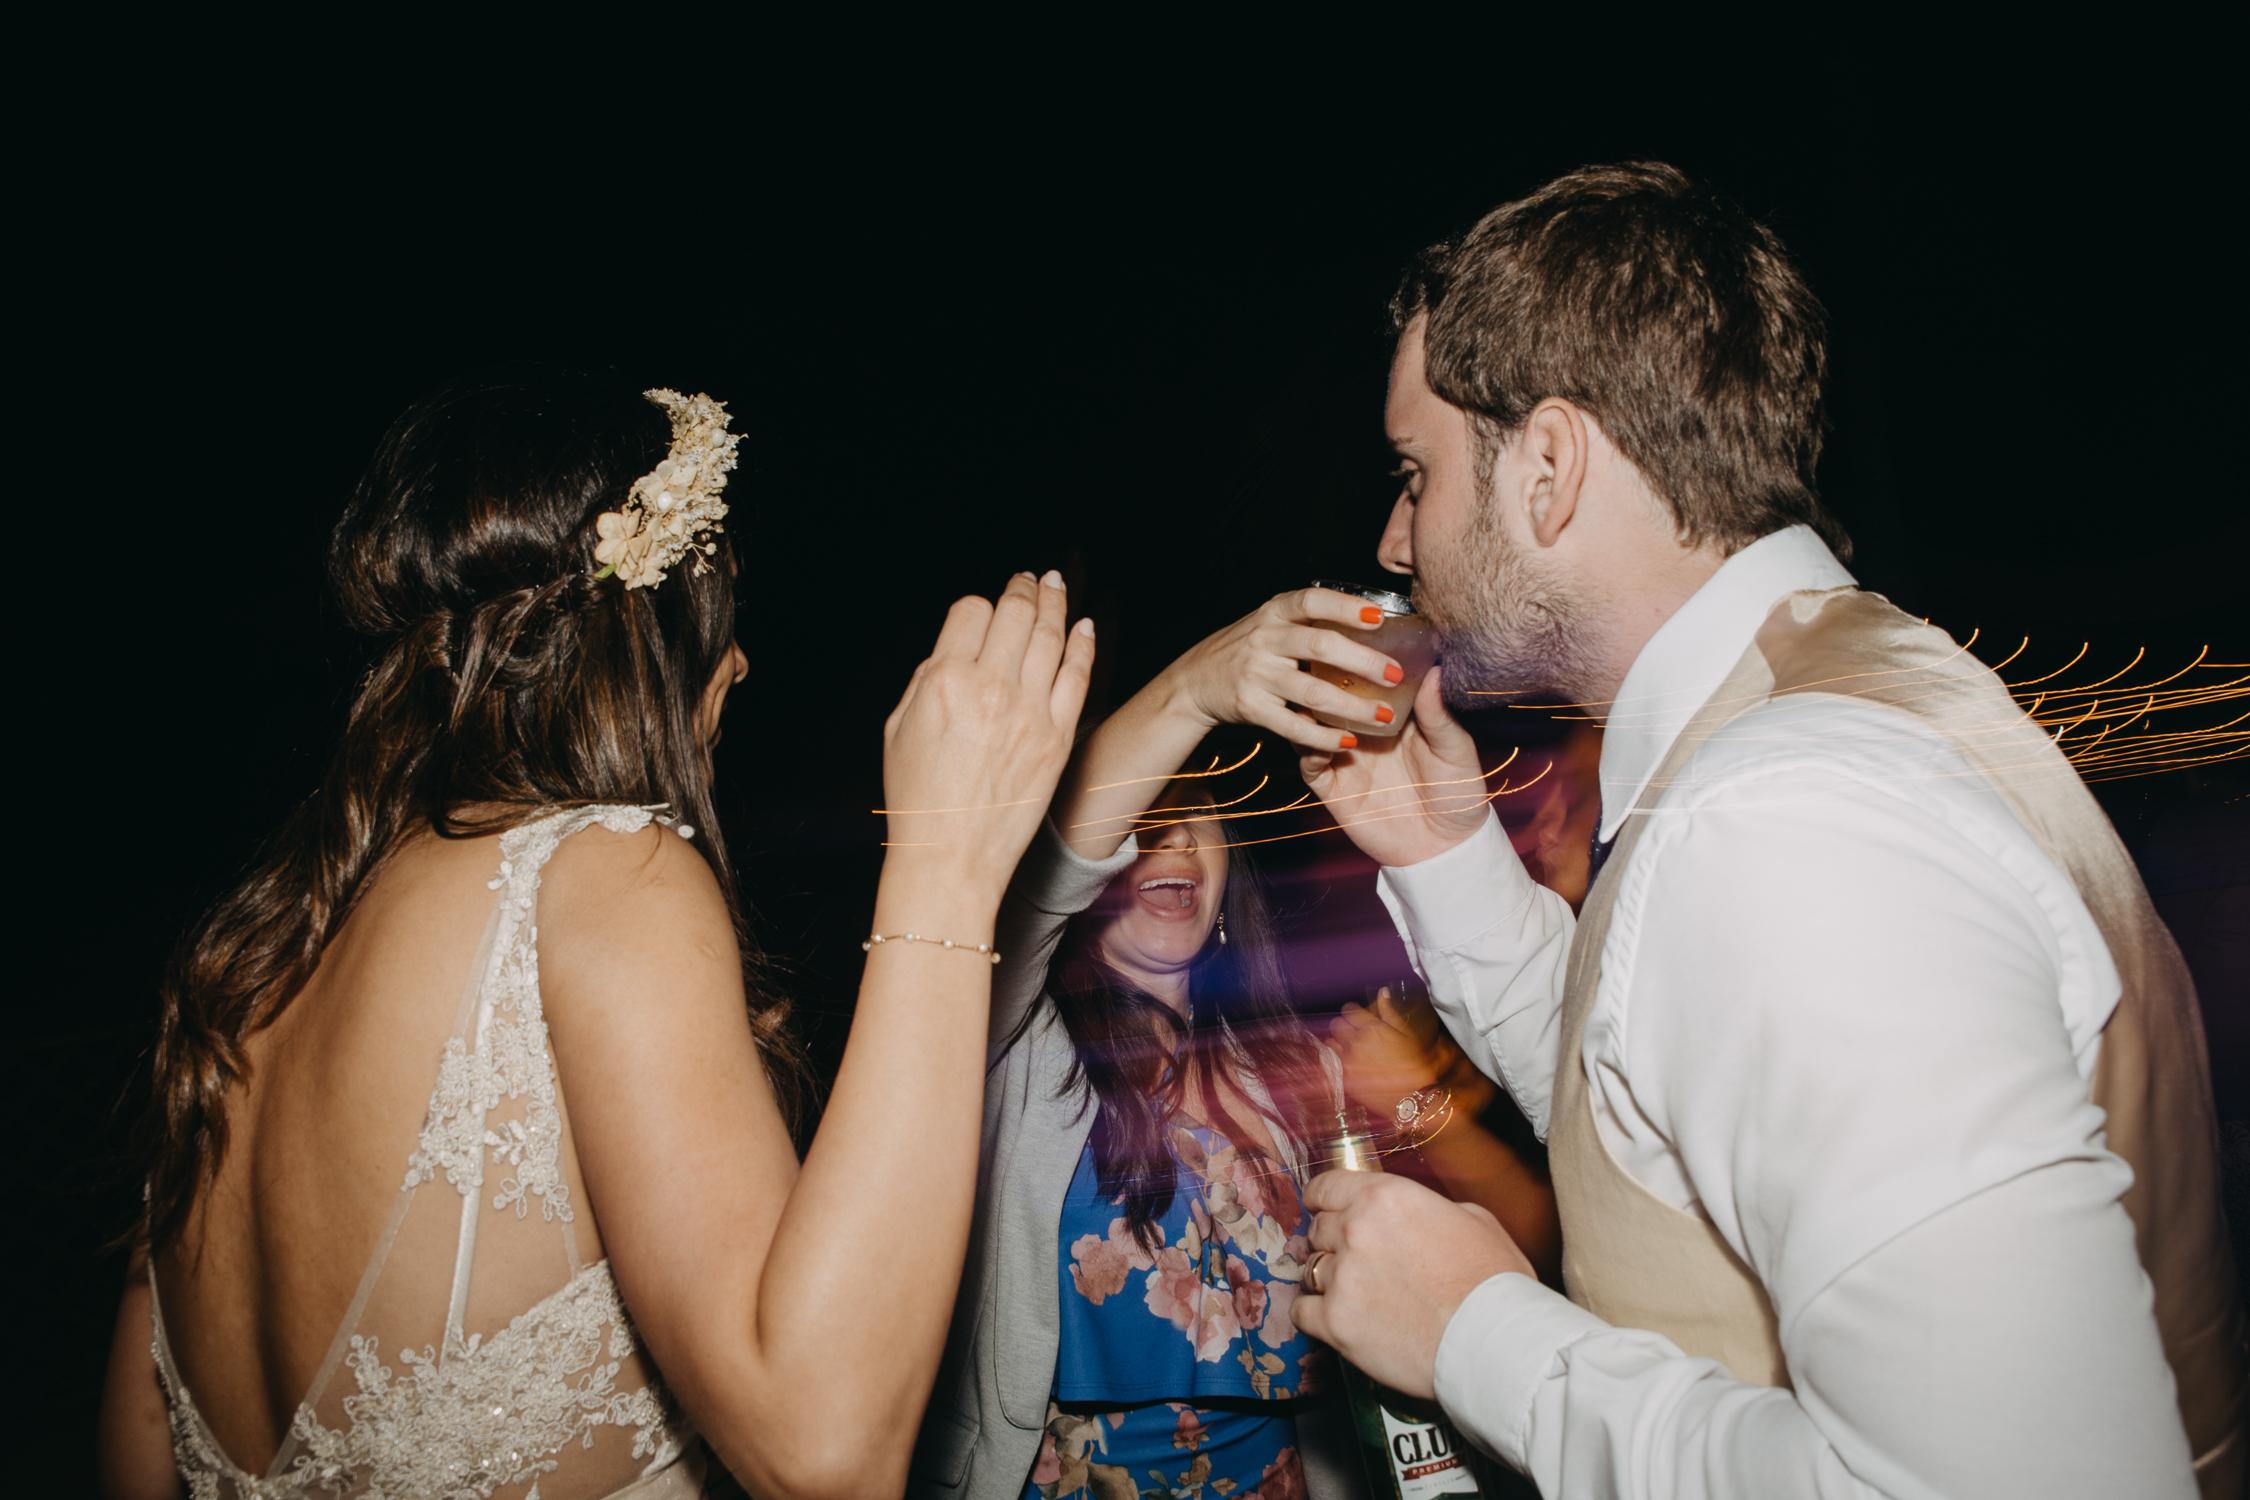 Michelle-Agurto-Fotografia-Bodas-Ecuador-Destination-Wedding-Photographer-Galapagos-Andrea-Joaquin-424.JPG